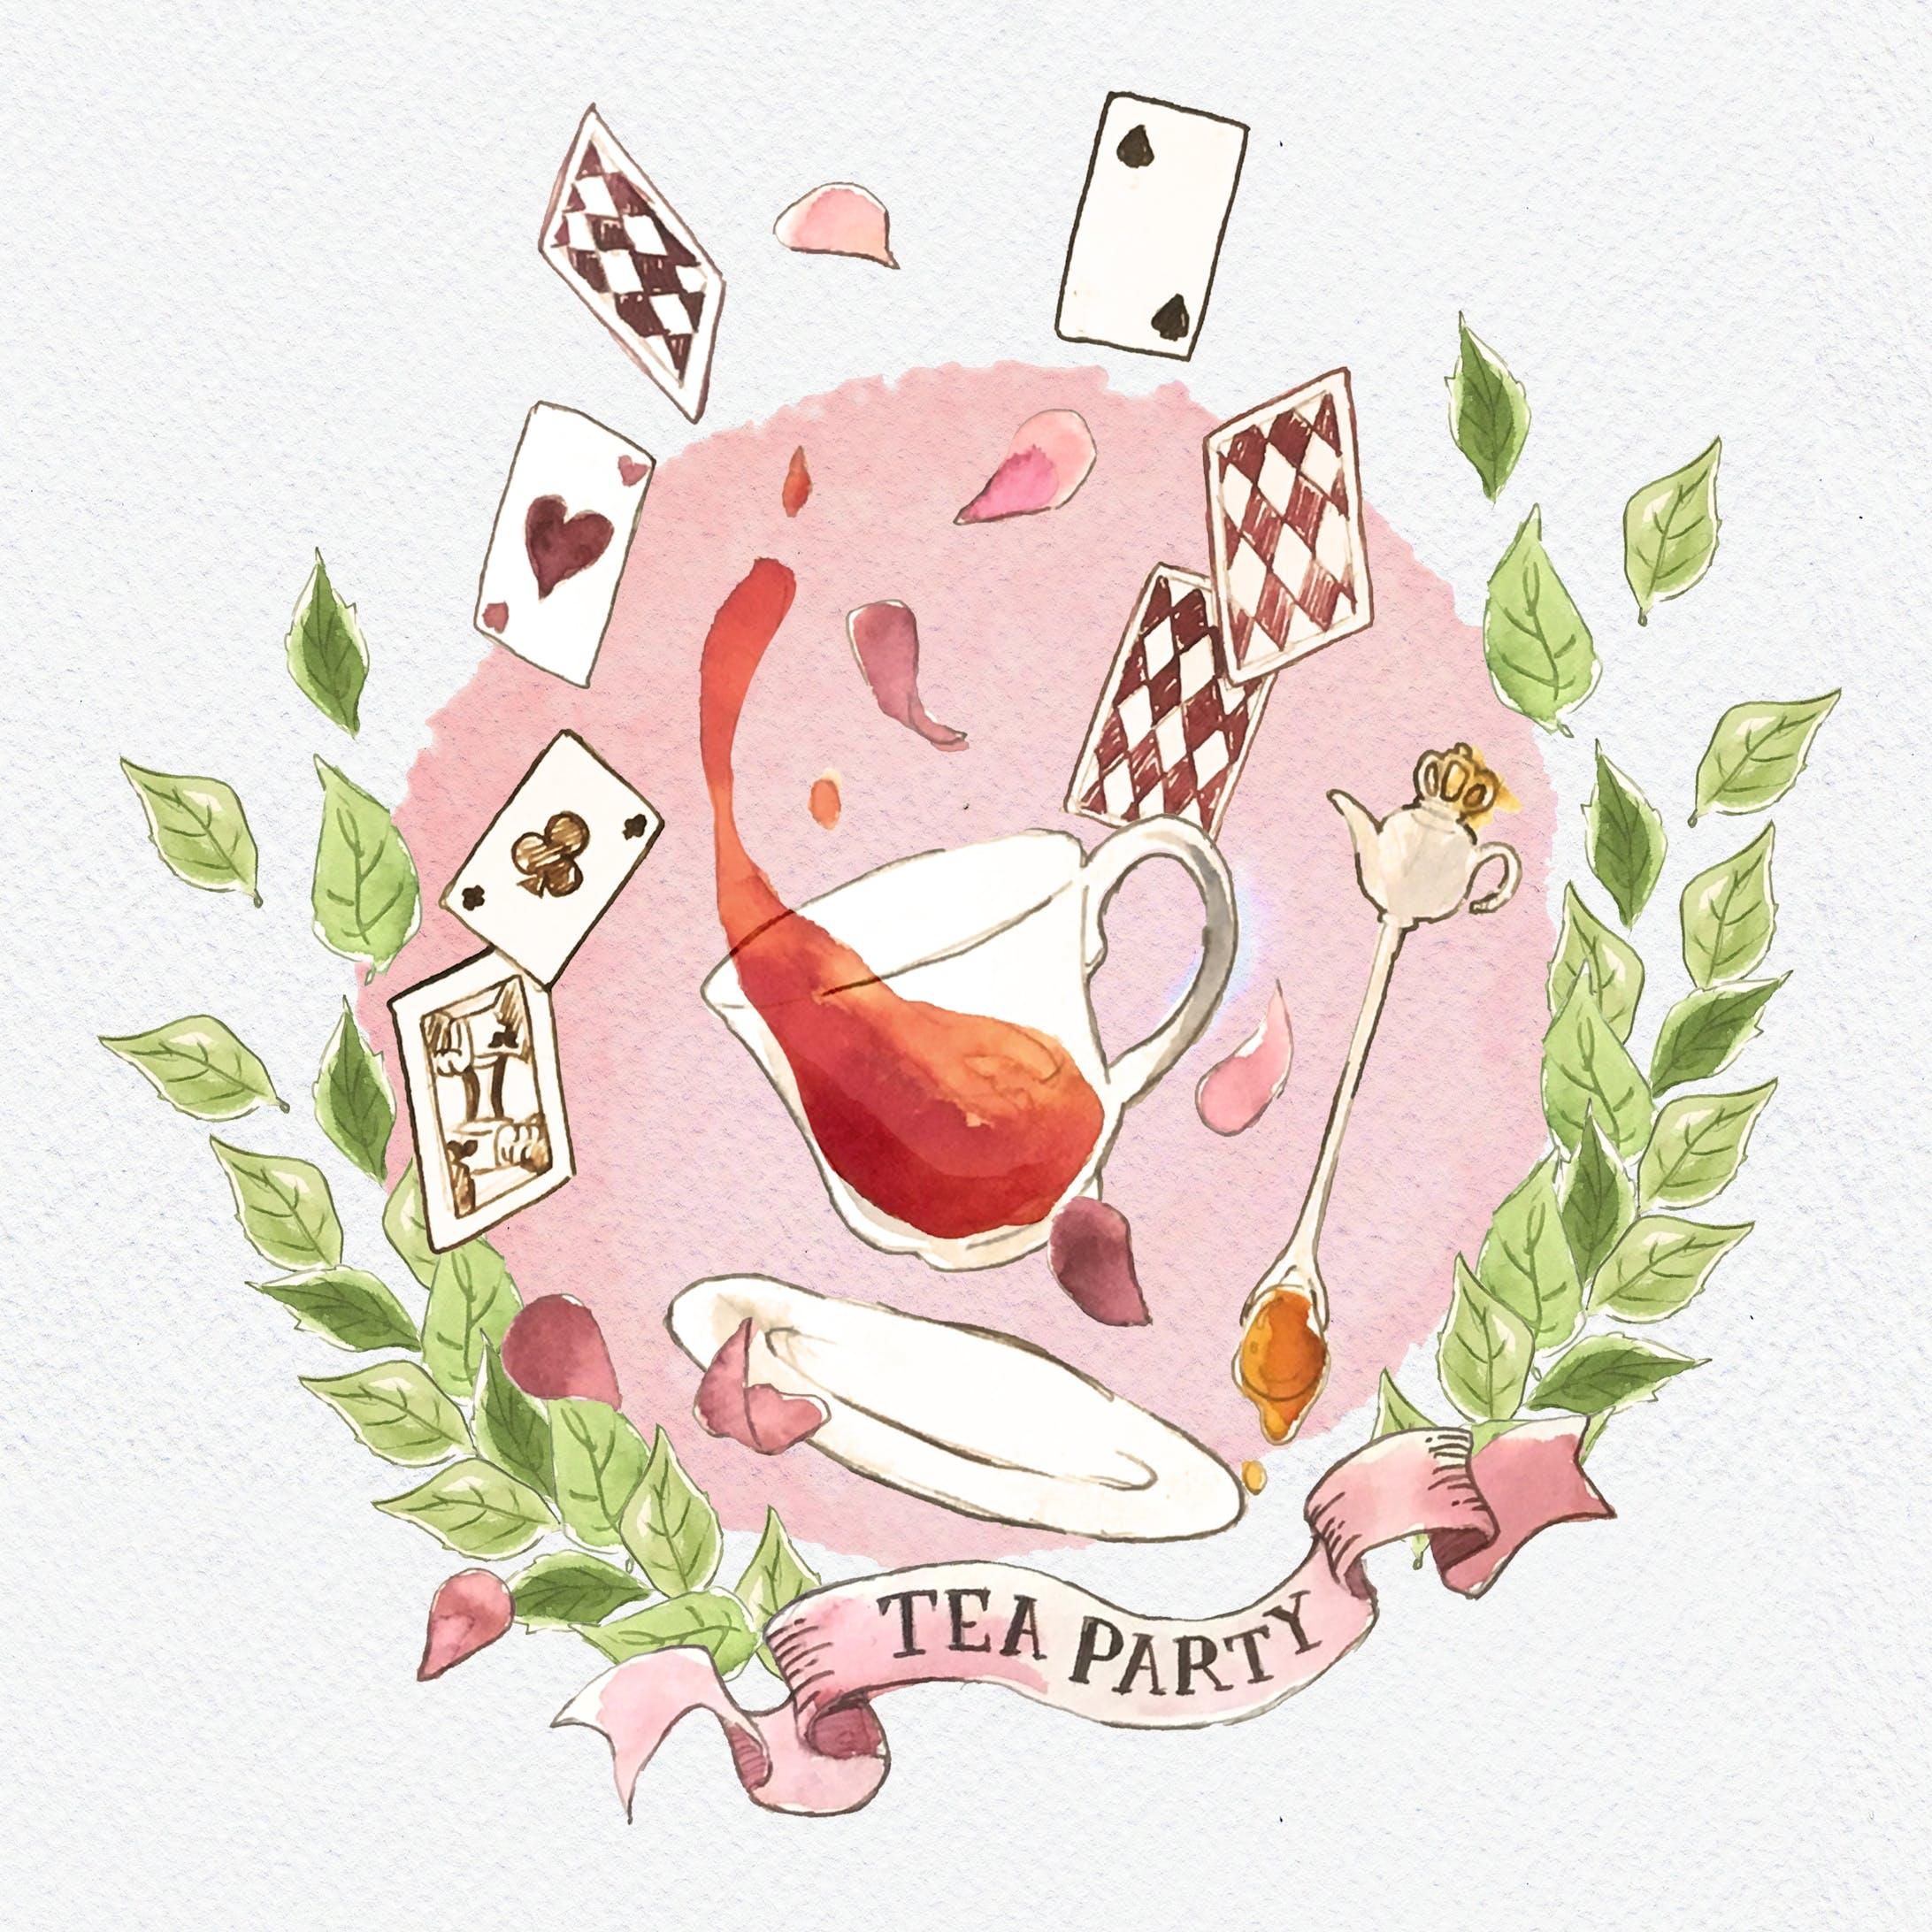 【水彩イラスト】TEA PARTY-1